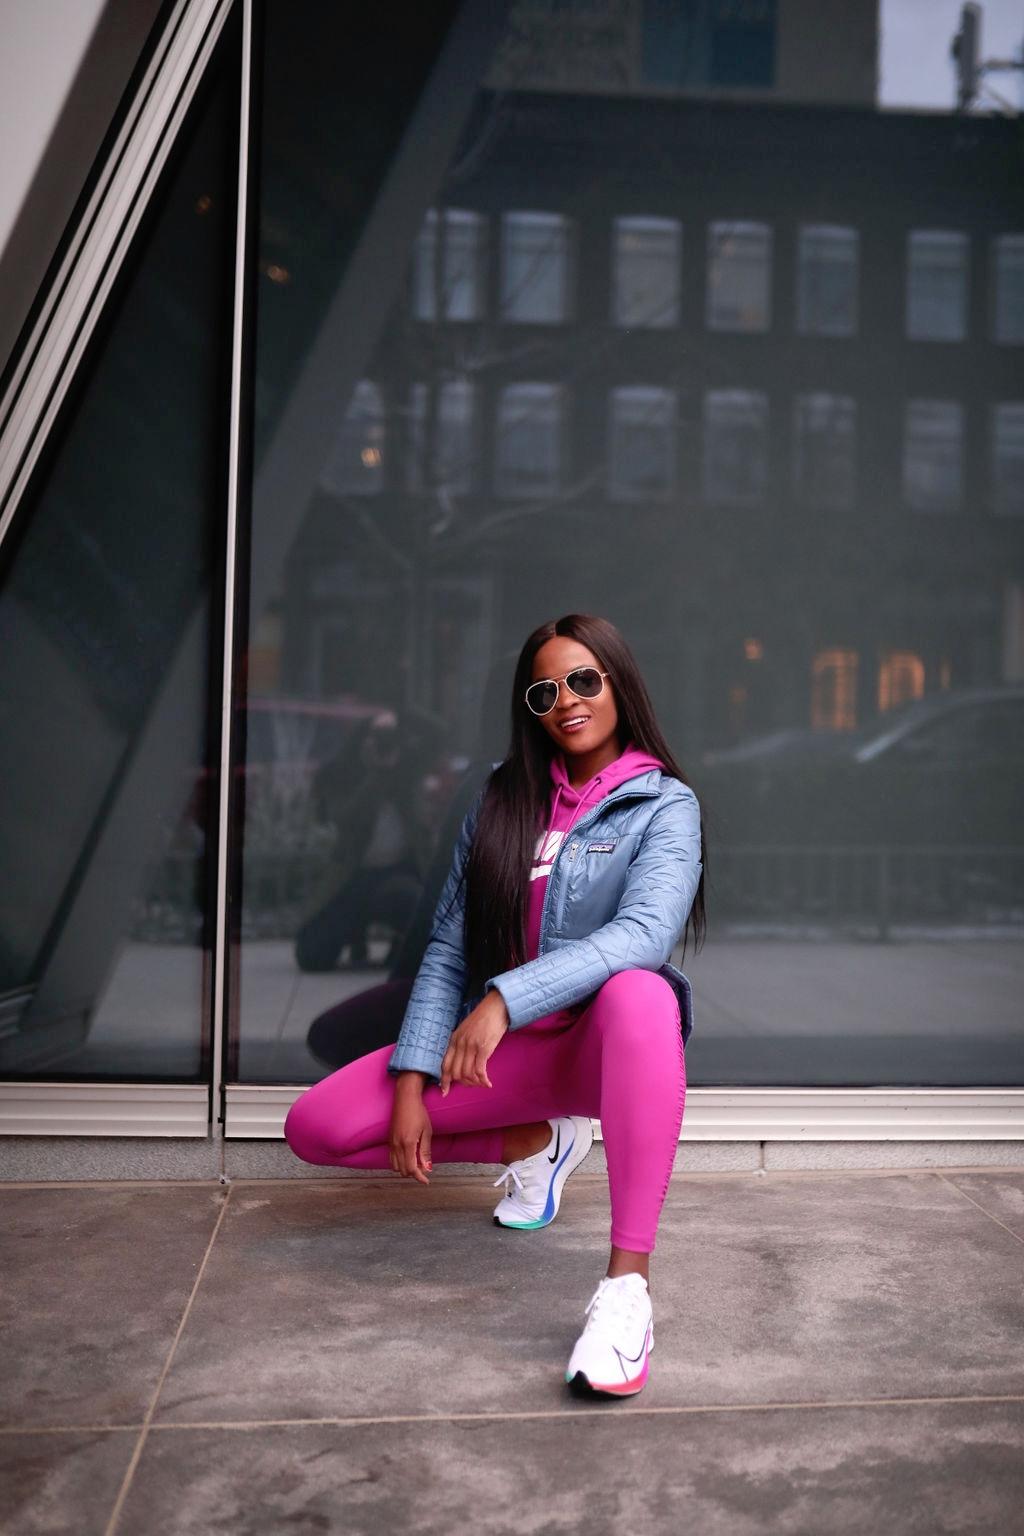 Patagonia Women's Radalie Jacket; Nike Sportswear Women's Essential Fleece Pullover Hoodie